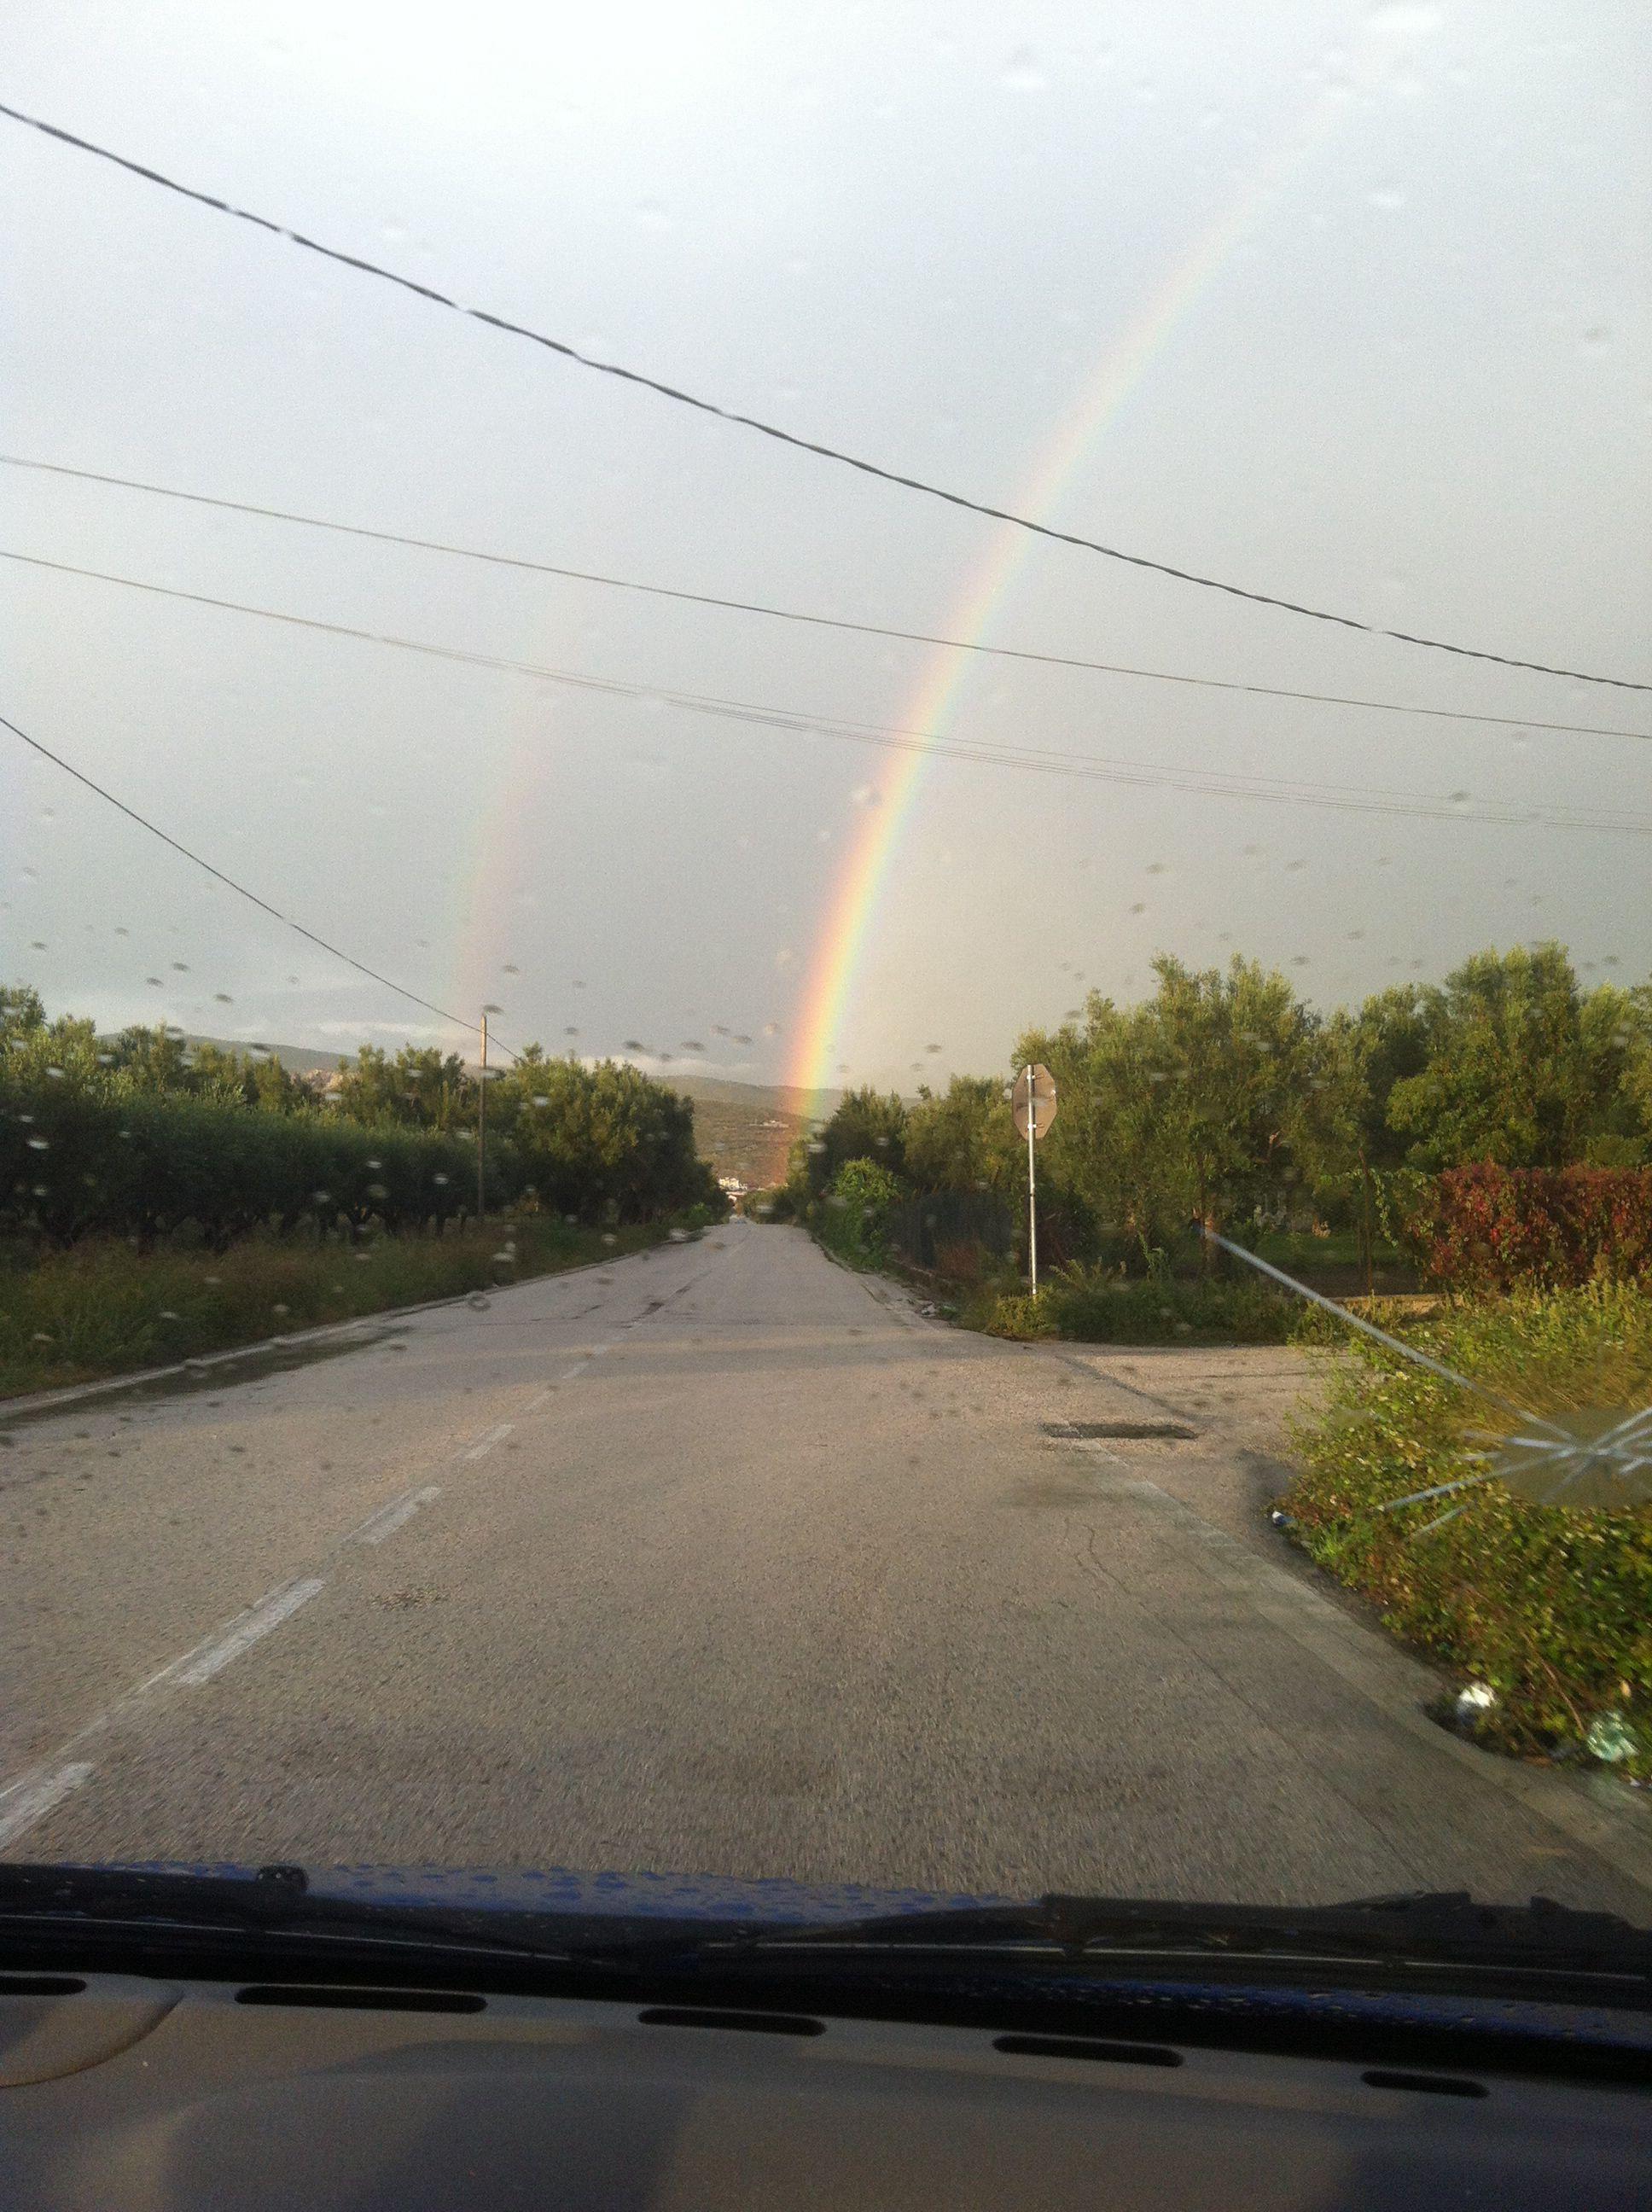 L'arcobaleno ❤️